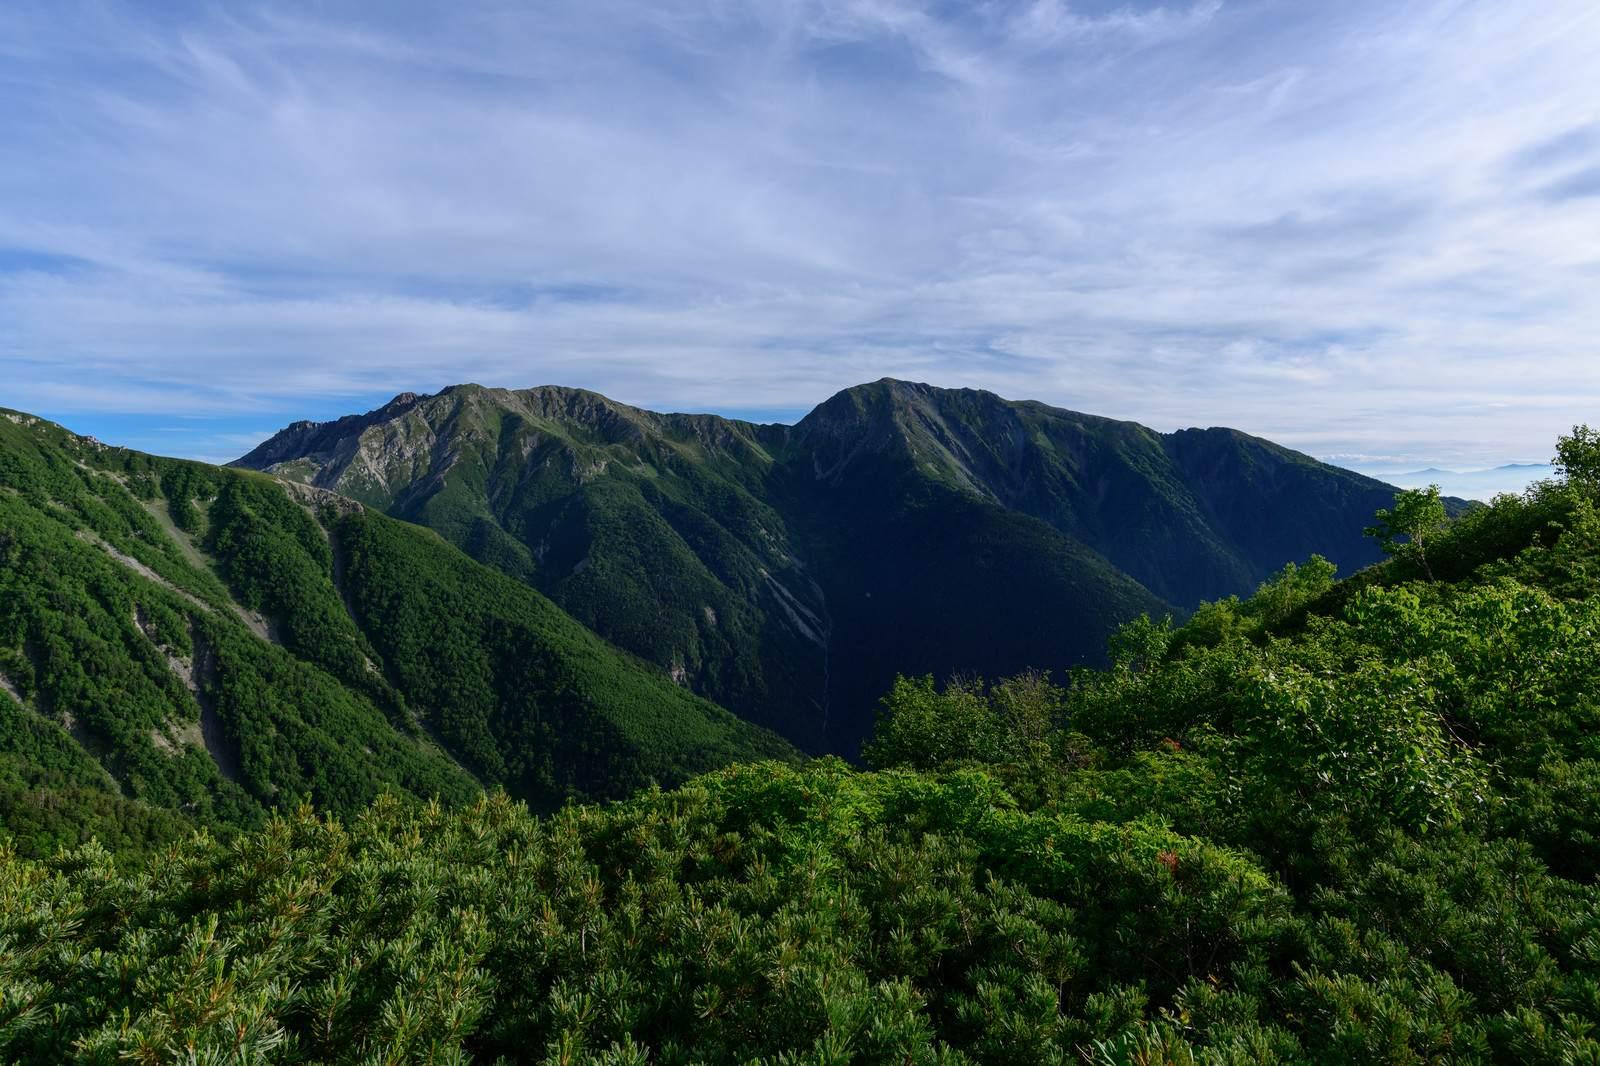 山にまつわる怖い話『真夜中の御在所岳』|洒落怖・山の怪談